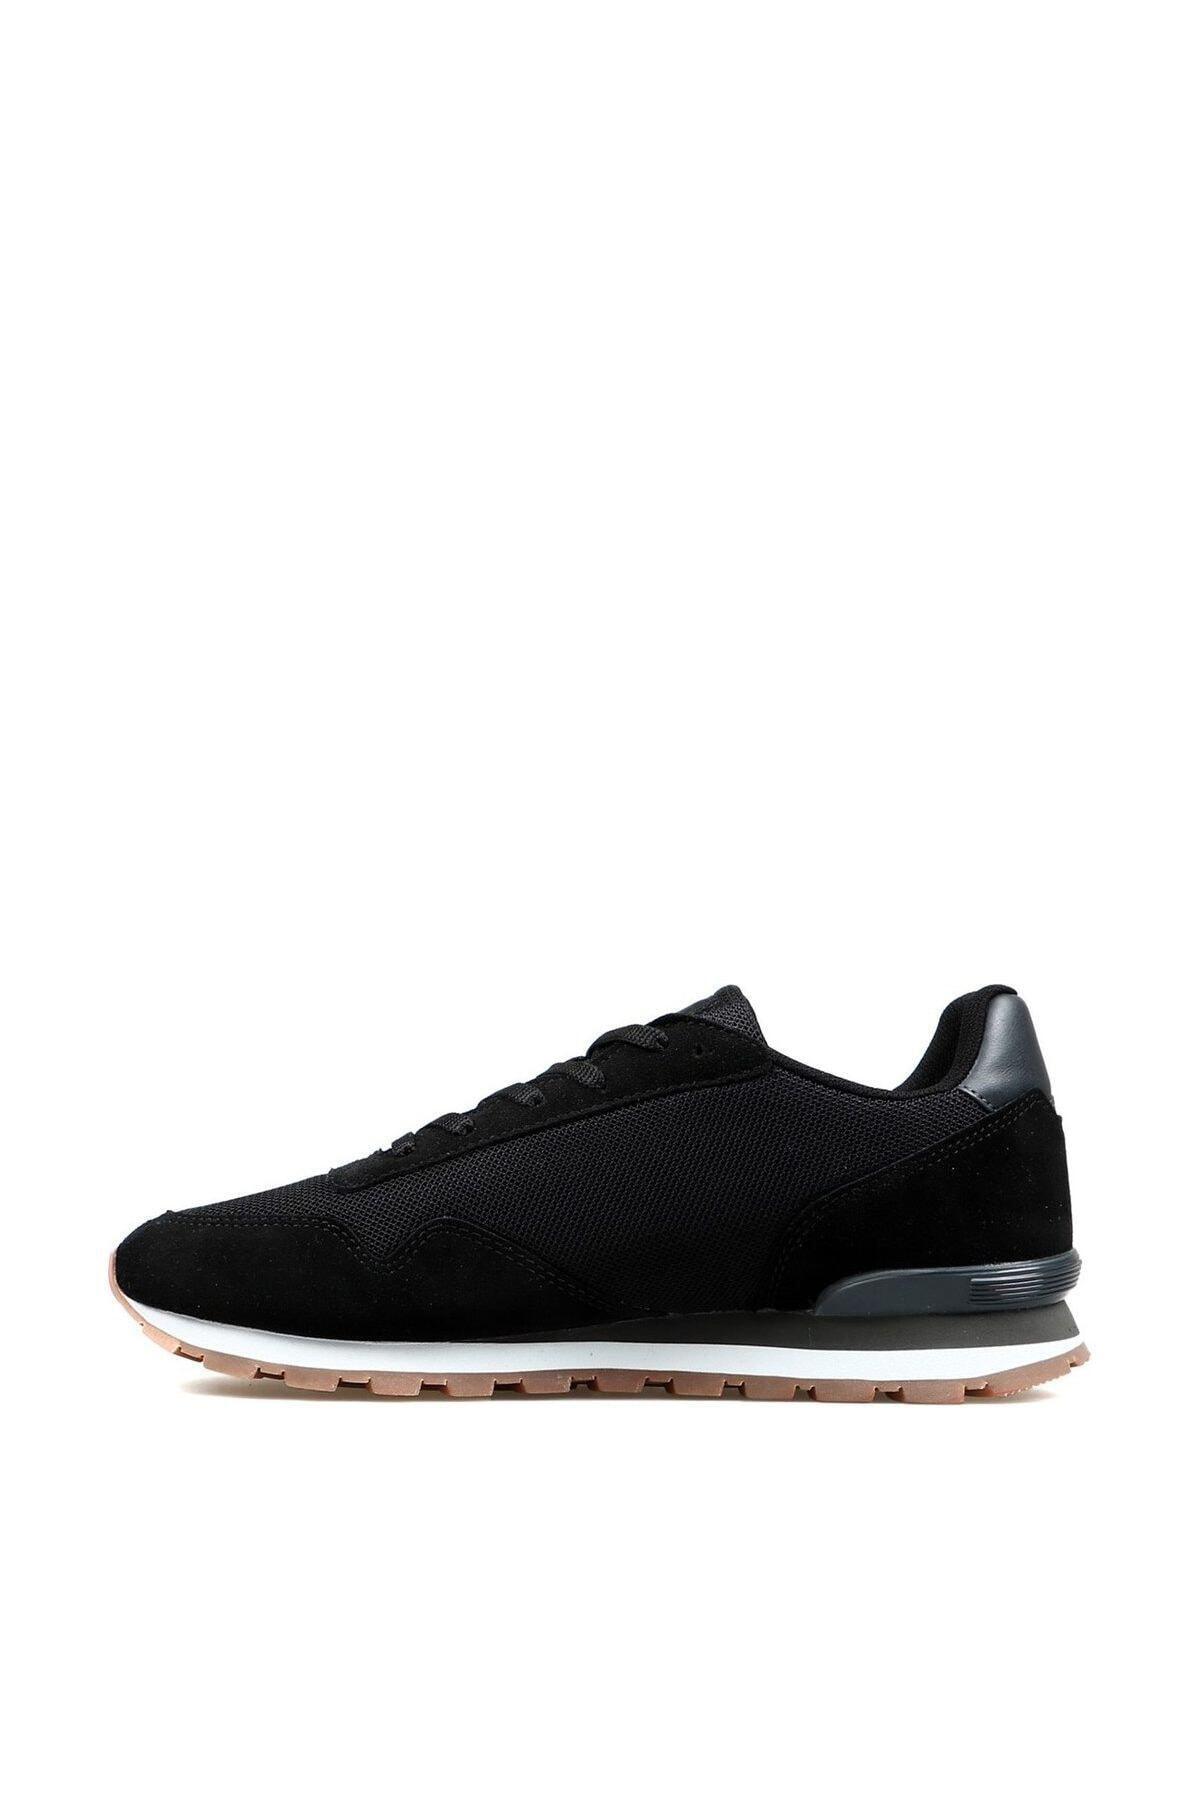 Hammer Jack Belarus Hakiki Deri Siyah-füme Erkek Ayakkabı 101 20028-m 2